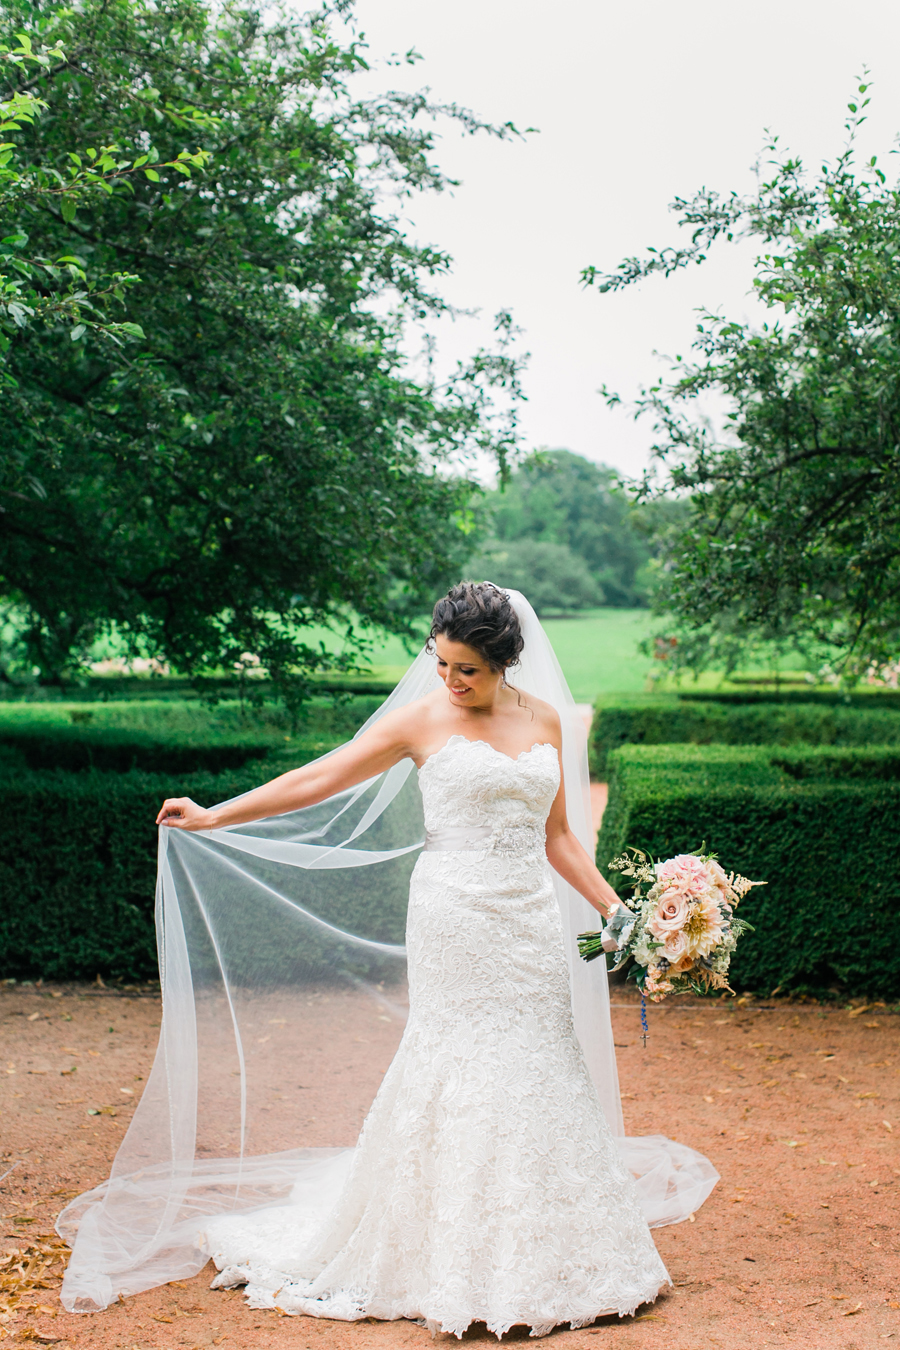 morton-arboretum-wedding-022